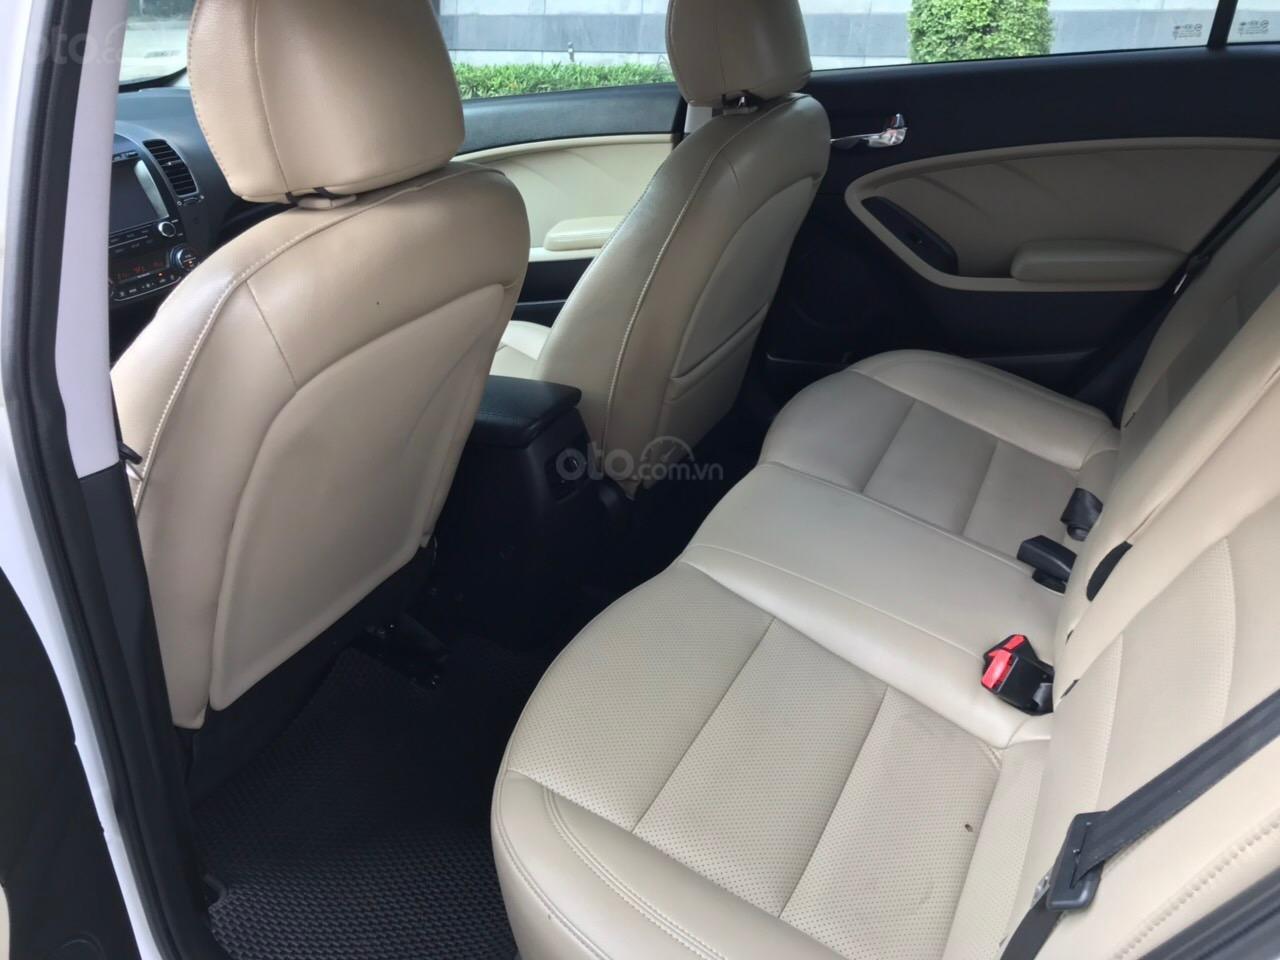 Bán xe Kia Cerato 1.6AT sản xuất 2017, màu trắng (10)